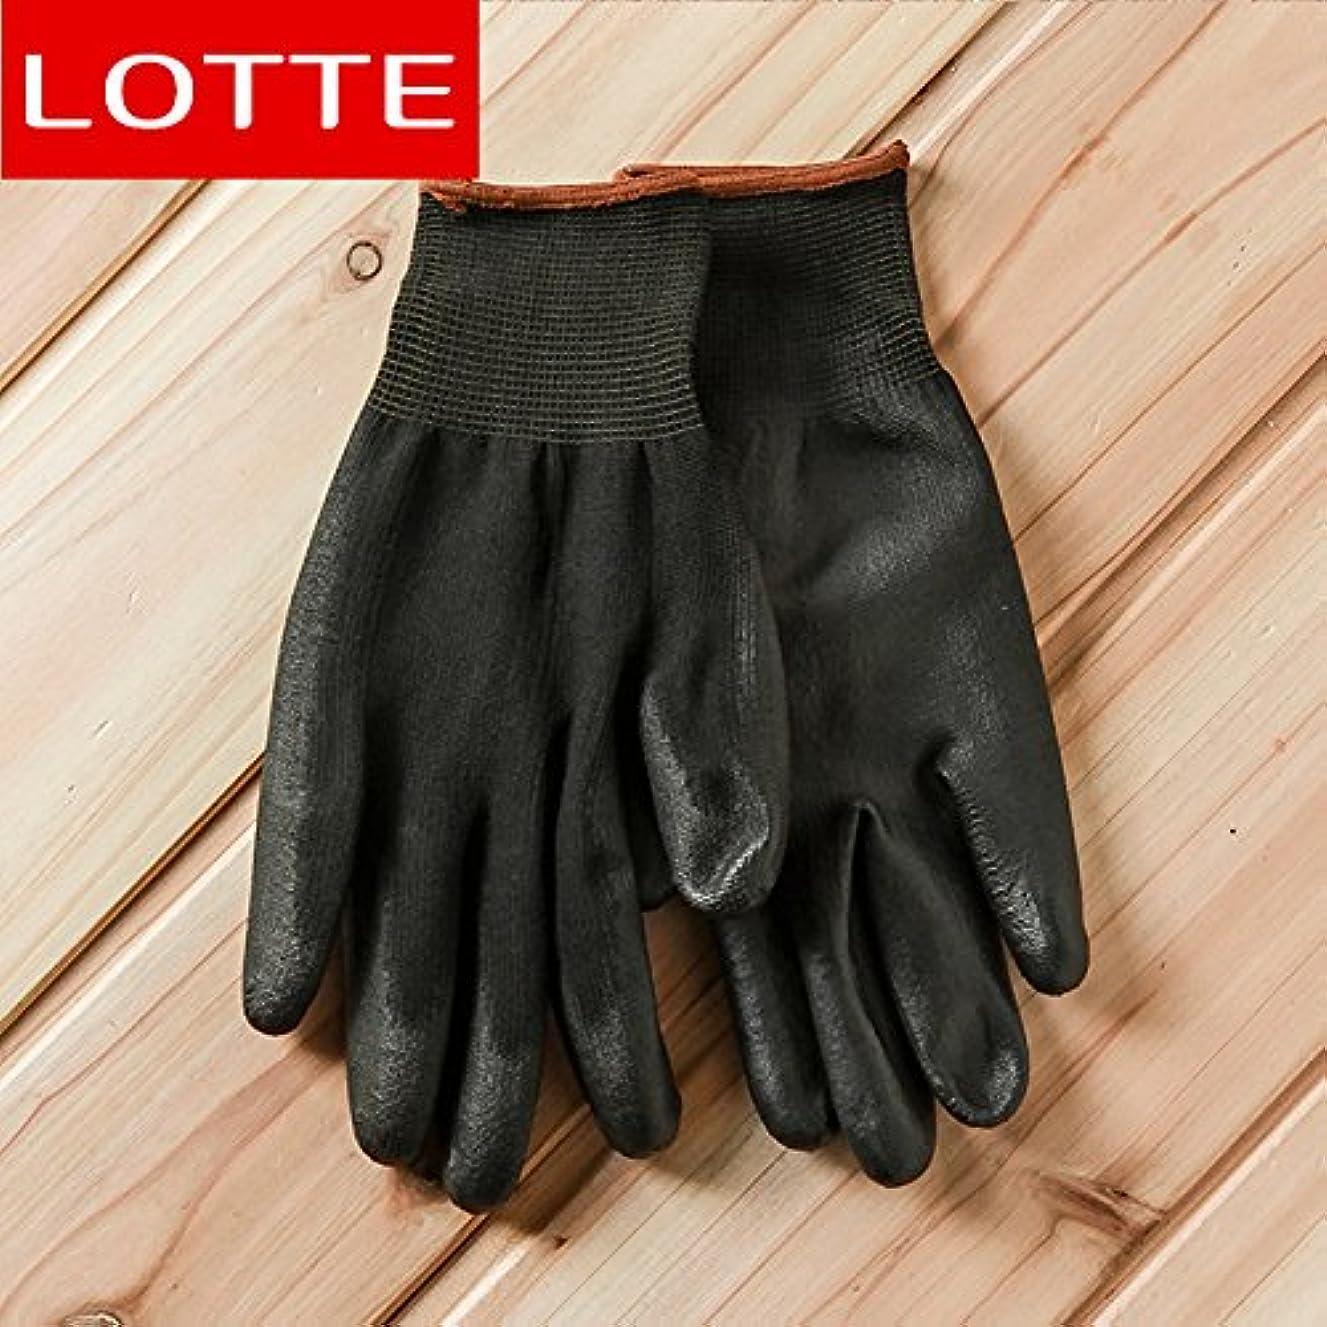 自明ソロ行動VBMDoM ロッテのPUパームコーティング作業手袋(黒/大) x 3つ [並行輸入品]